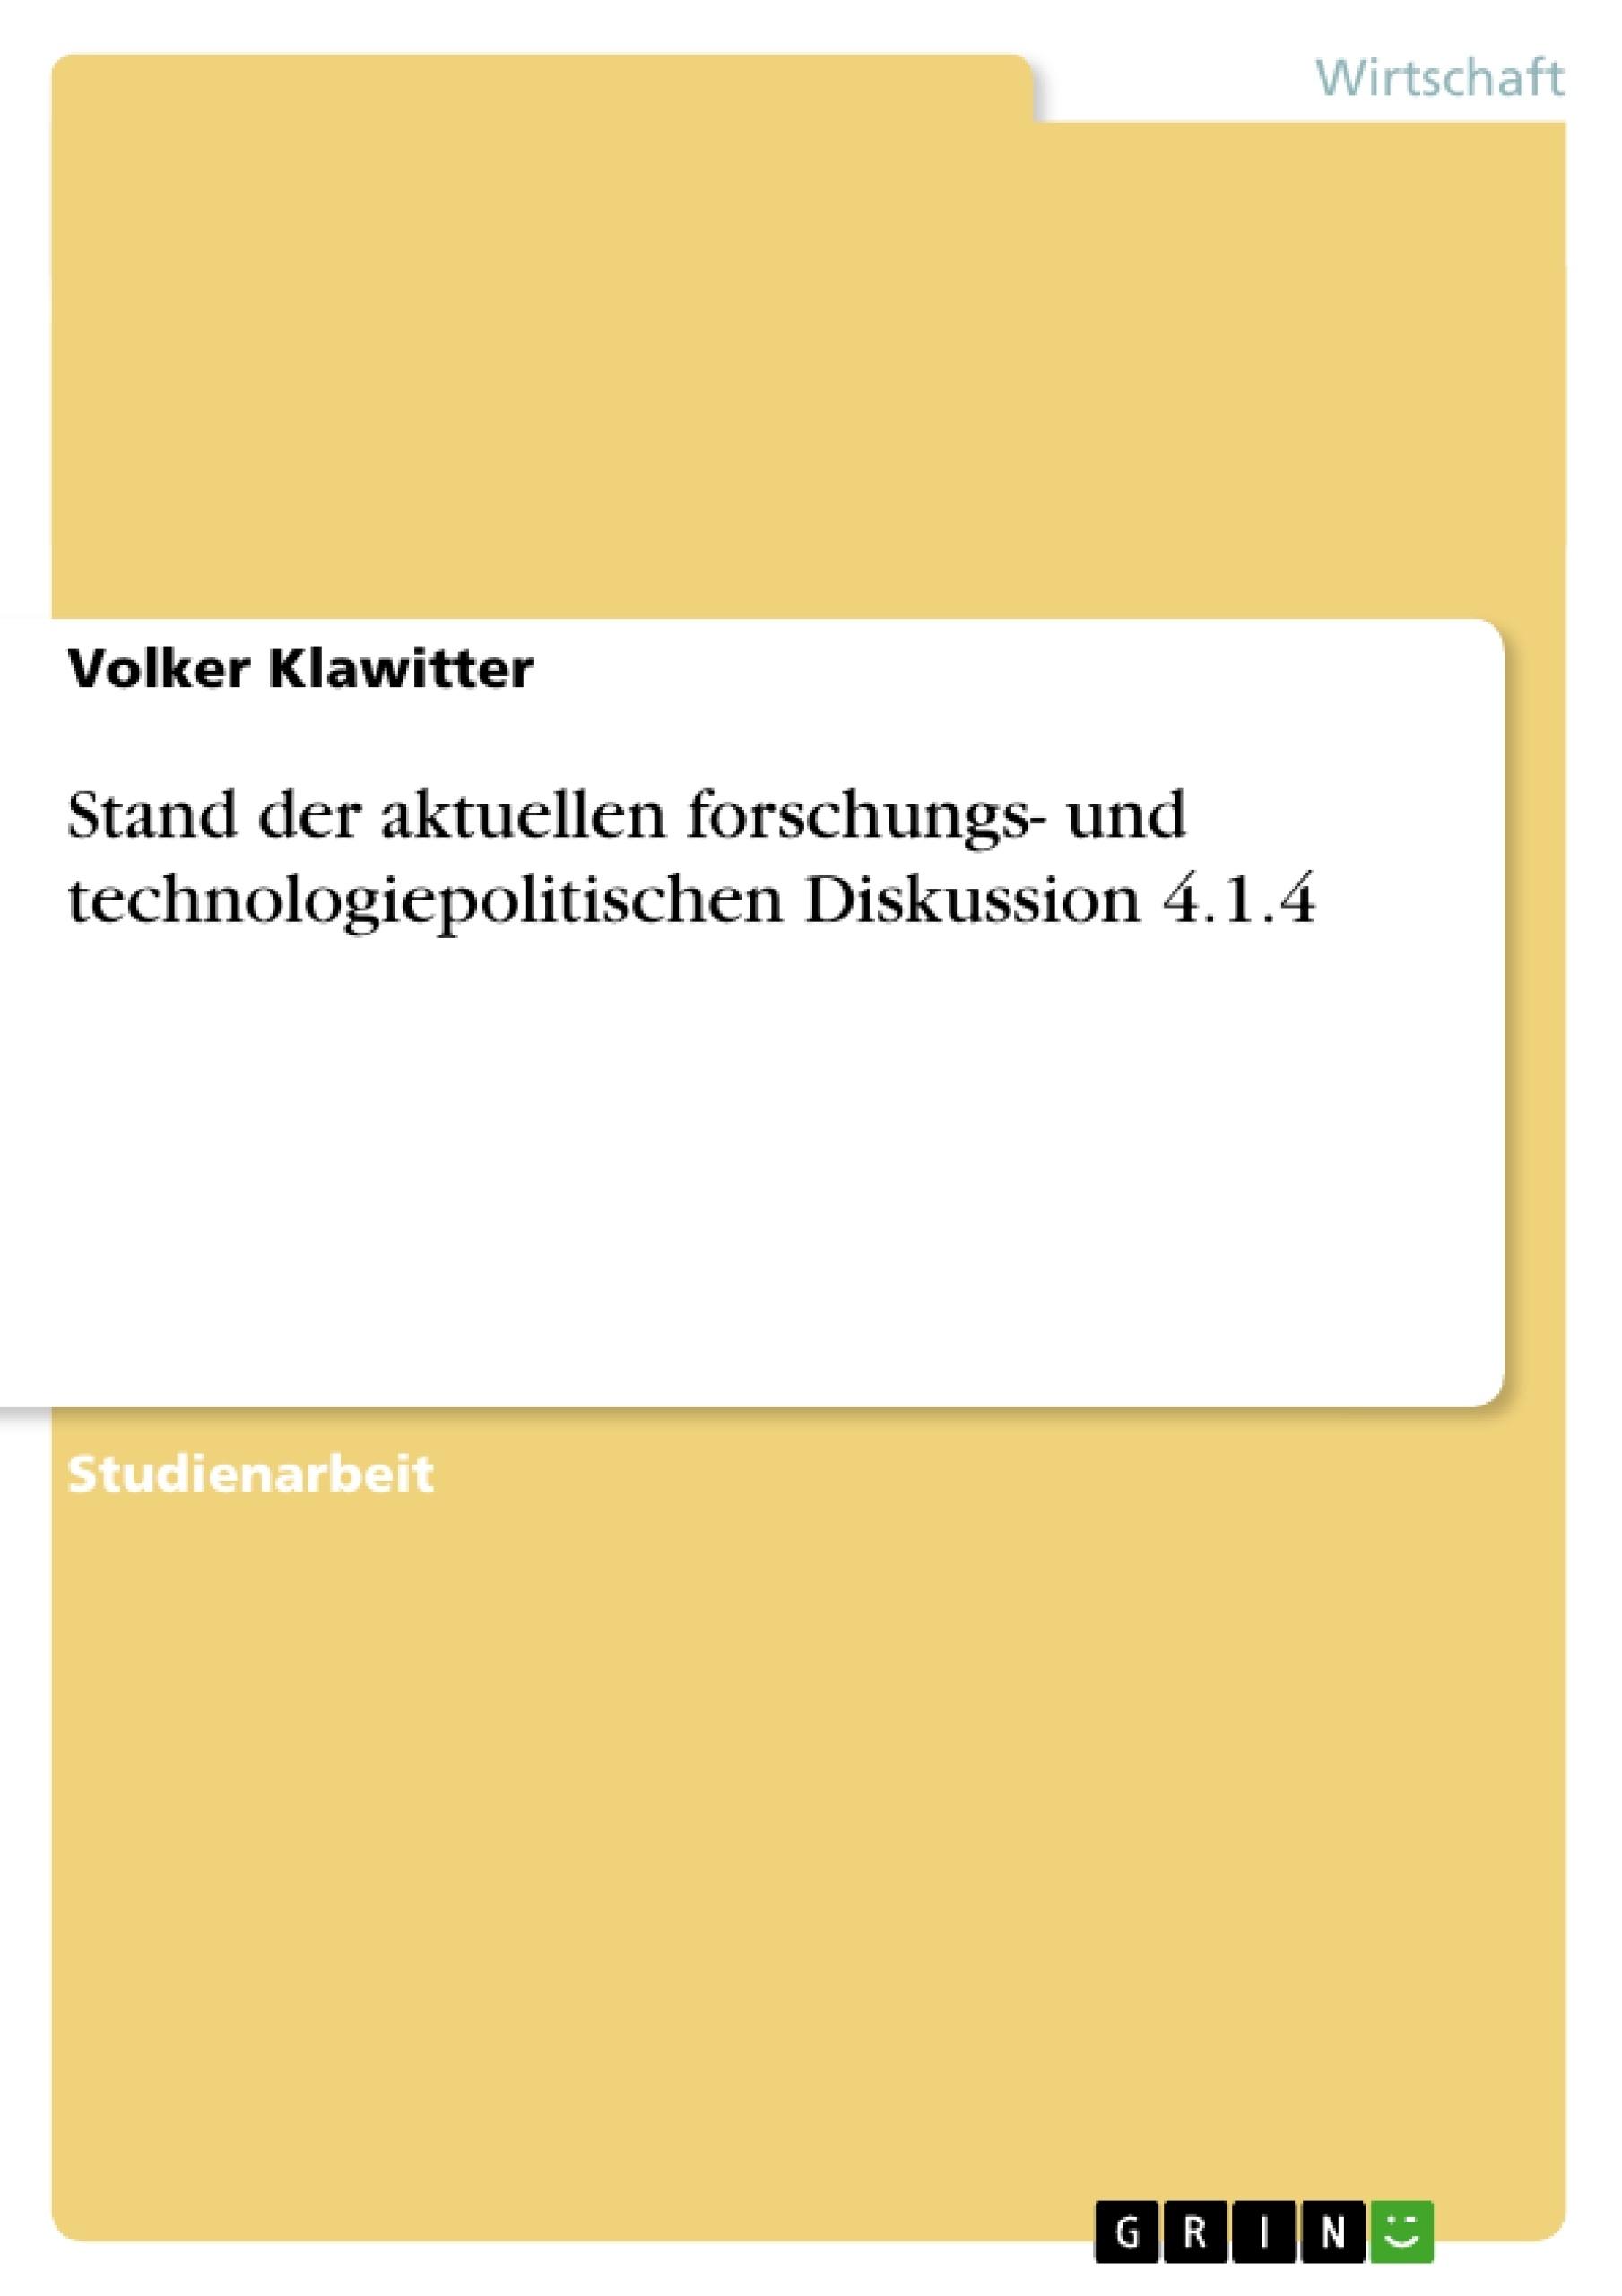 Titel: Stand der aktuellen forschungs- und technologiepolitischen Diskussion 4.1.4